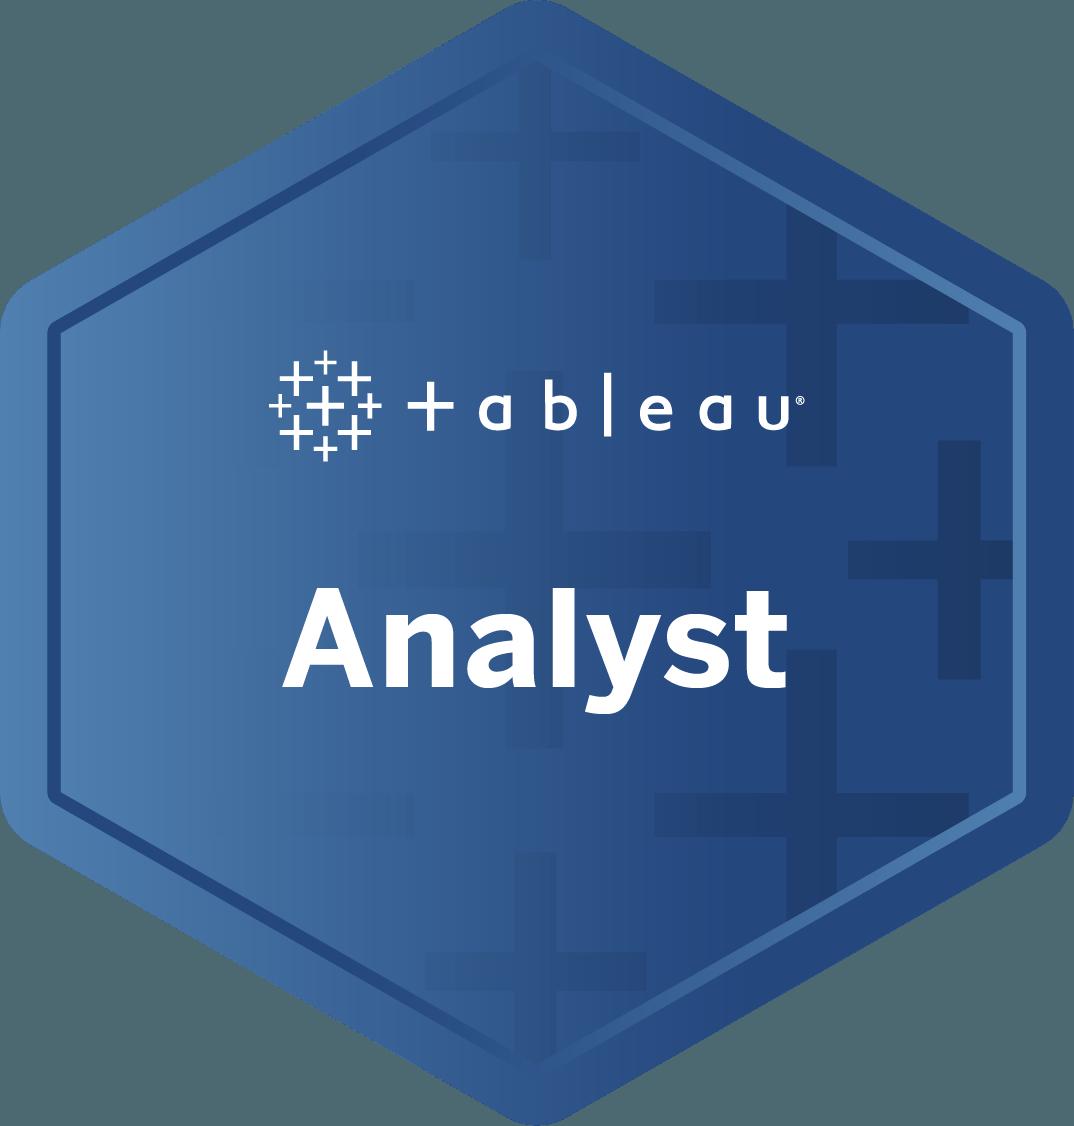 Analyst badge